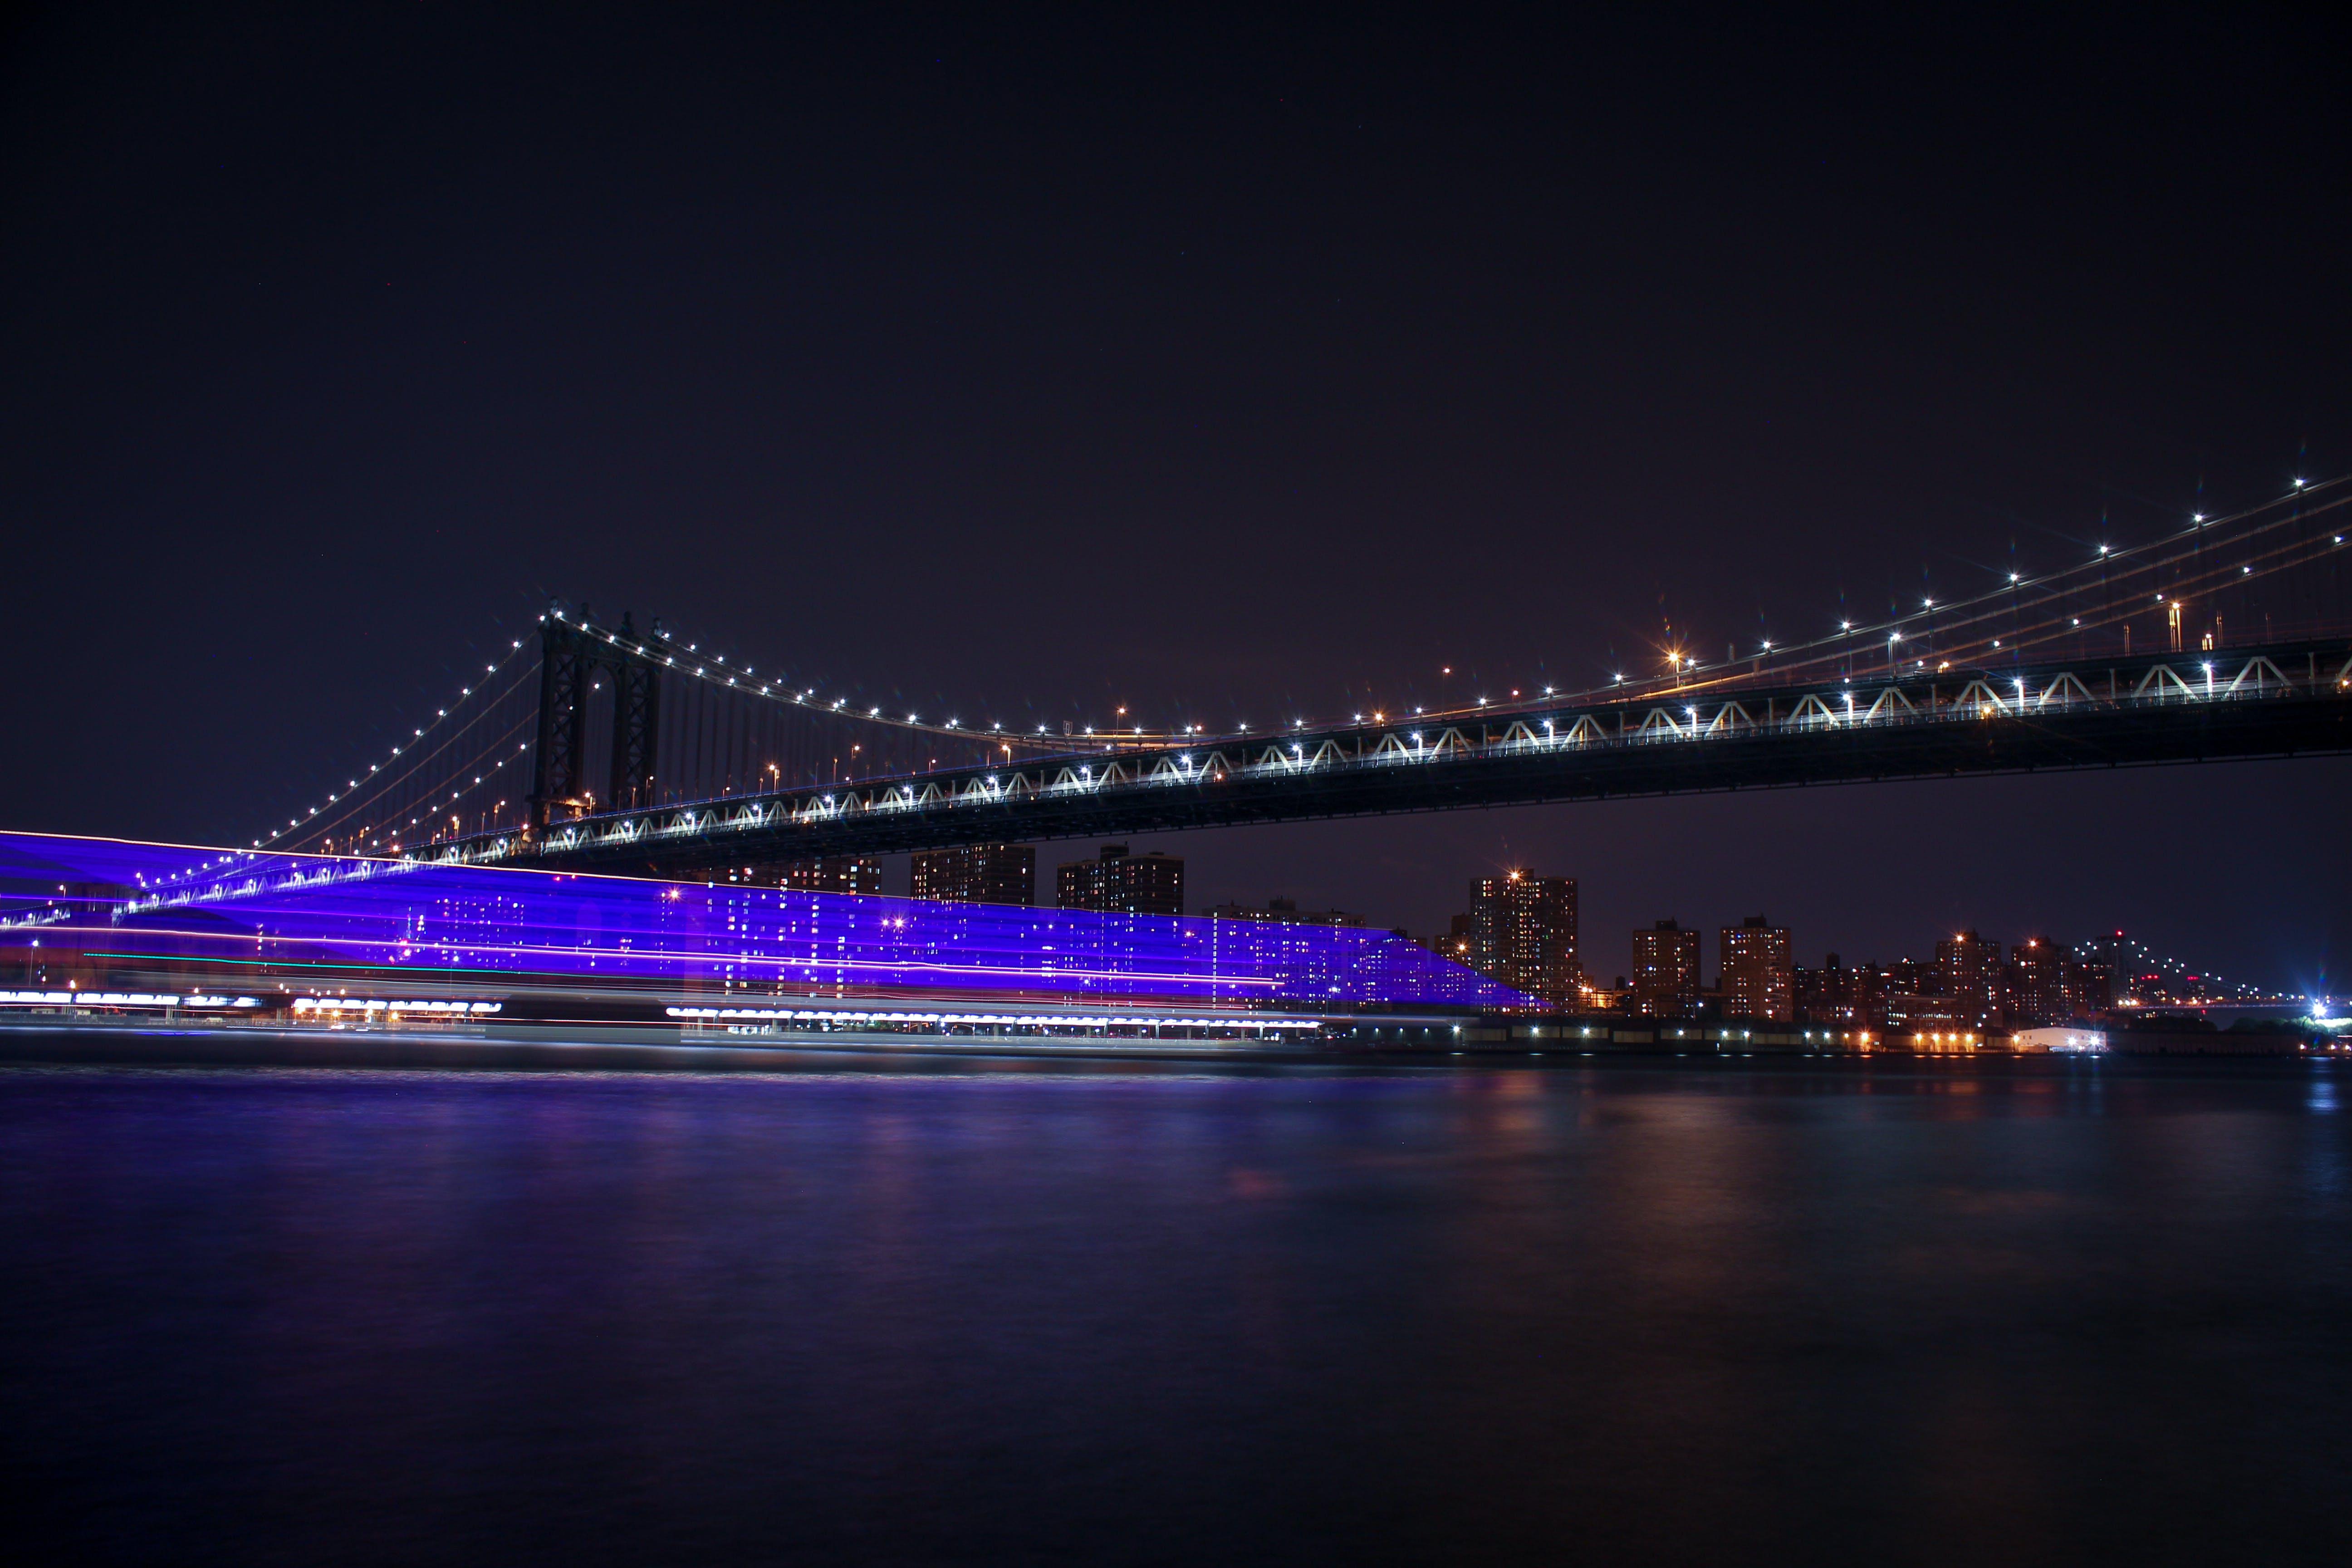 Δωρεάν στοκ φωτογραφιών με nyc, απόγευμα, γέφυρα, γραμμή ορίζοντα